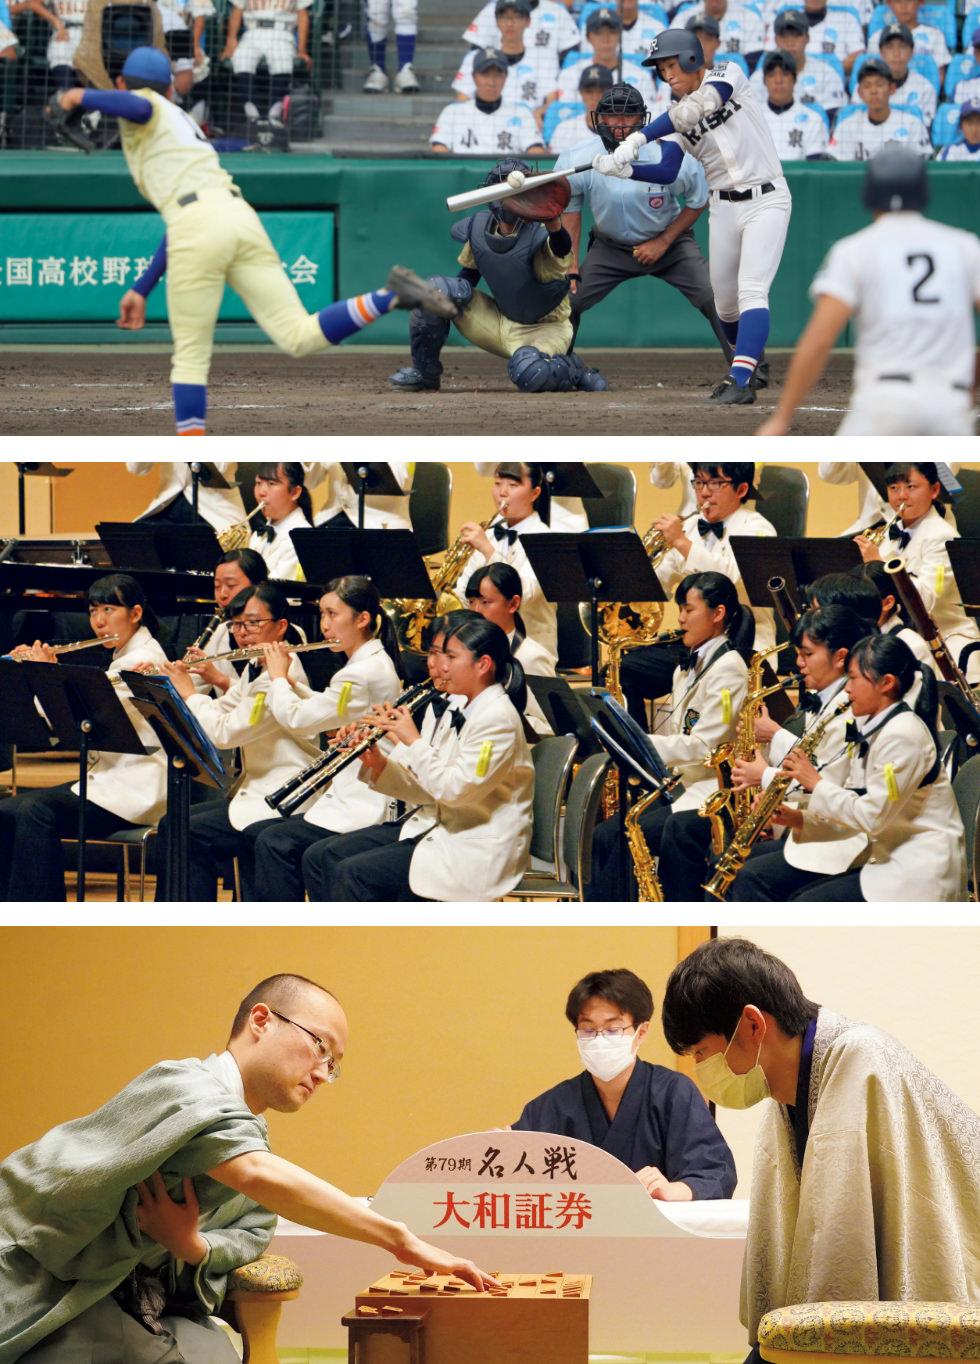 高校野球、吹奏楽、将棋などの大会運営